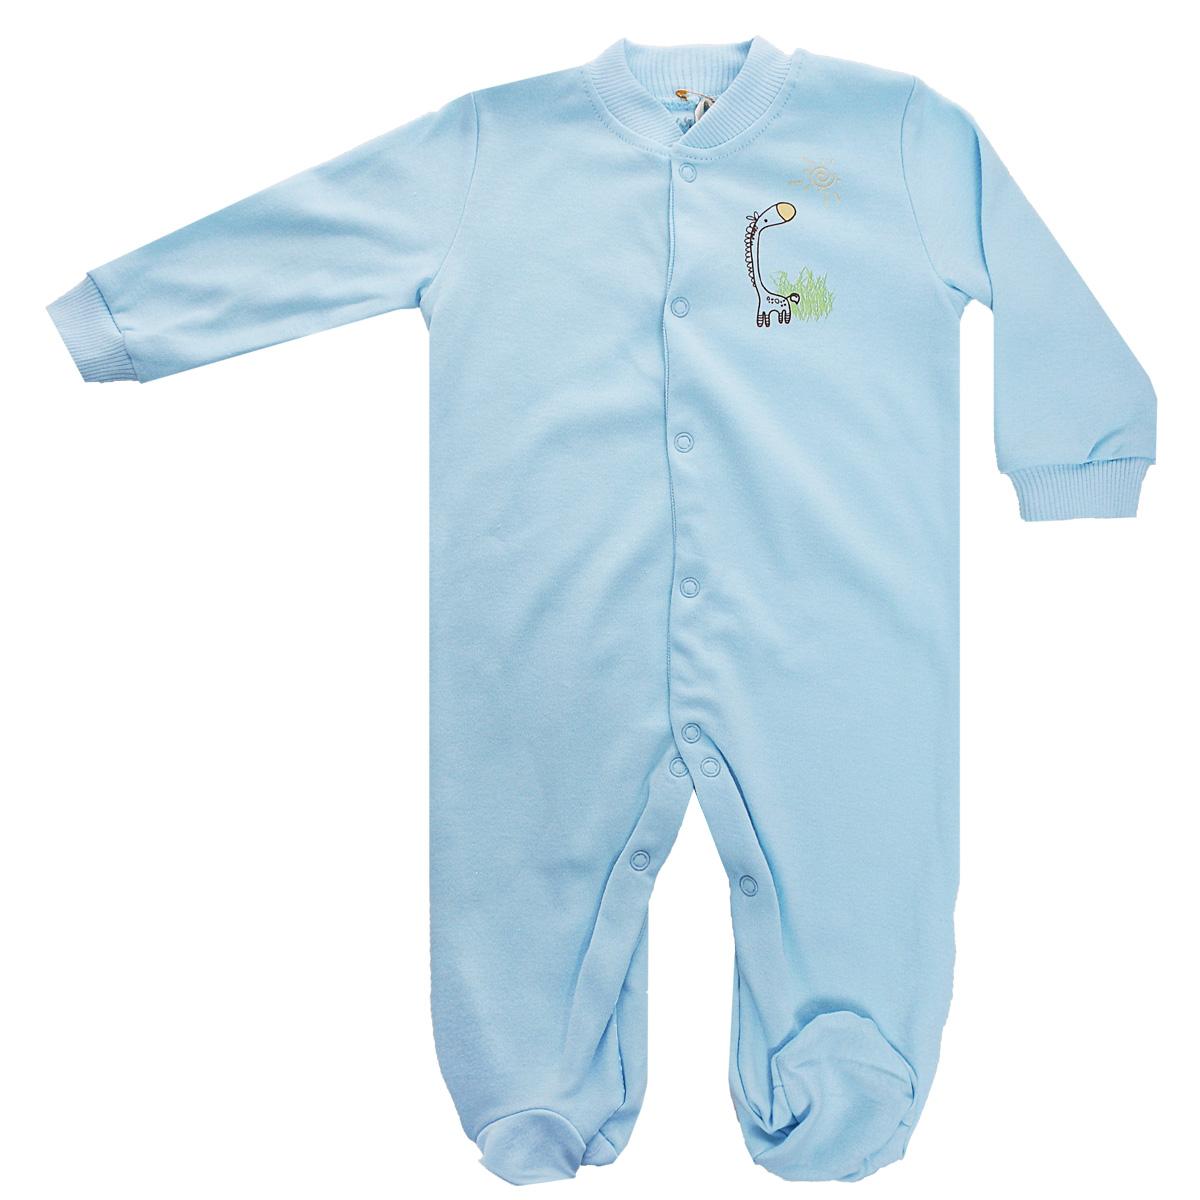 Комбинезон детский Клякса, цвет: голубой. 37-550. Размер 68, 6 месяцев37-550Удобный детский комбинезон Клякса послужит идеальным дополнением к гардеробу ребенка. Комбинезон изготовлен из интерлок-пенье - натурального хлопка, благодаря чему он необычайно мягкий и легкий, не раздражает нежную кожу младенца и хорошо вентилируется, а эластичные швы приятны телу малыша и не препятствуют его движениям. Комбинезон с длинными рукавами, небольшим воротничком-стойкой и закрытыми ножками имеет ассиметричные застежки-кнопки от горловины до щиколотки, которые помогают легко переодеть ребенка или сменить подгузник. Низ рукавов дополнен широкими эластичными манжетами, не пережимающими запястья малыша. На груди изделие оформлено оригинальным принтом с изображением забавного животного.Комбинезон полностью соответствует особенностям жизни ребенка в ранний период, не стесняя и не ограничивая его в движениях!